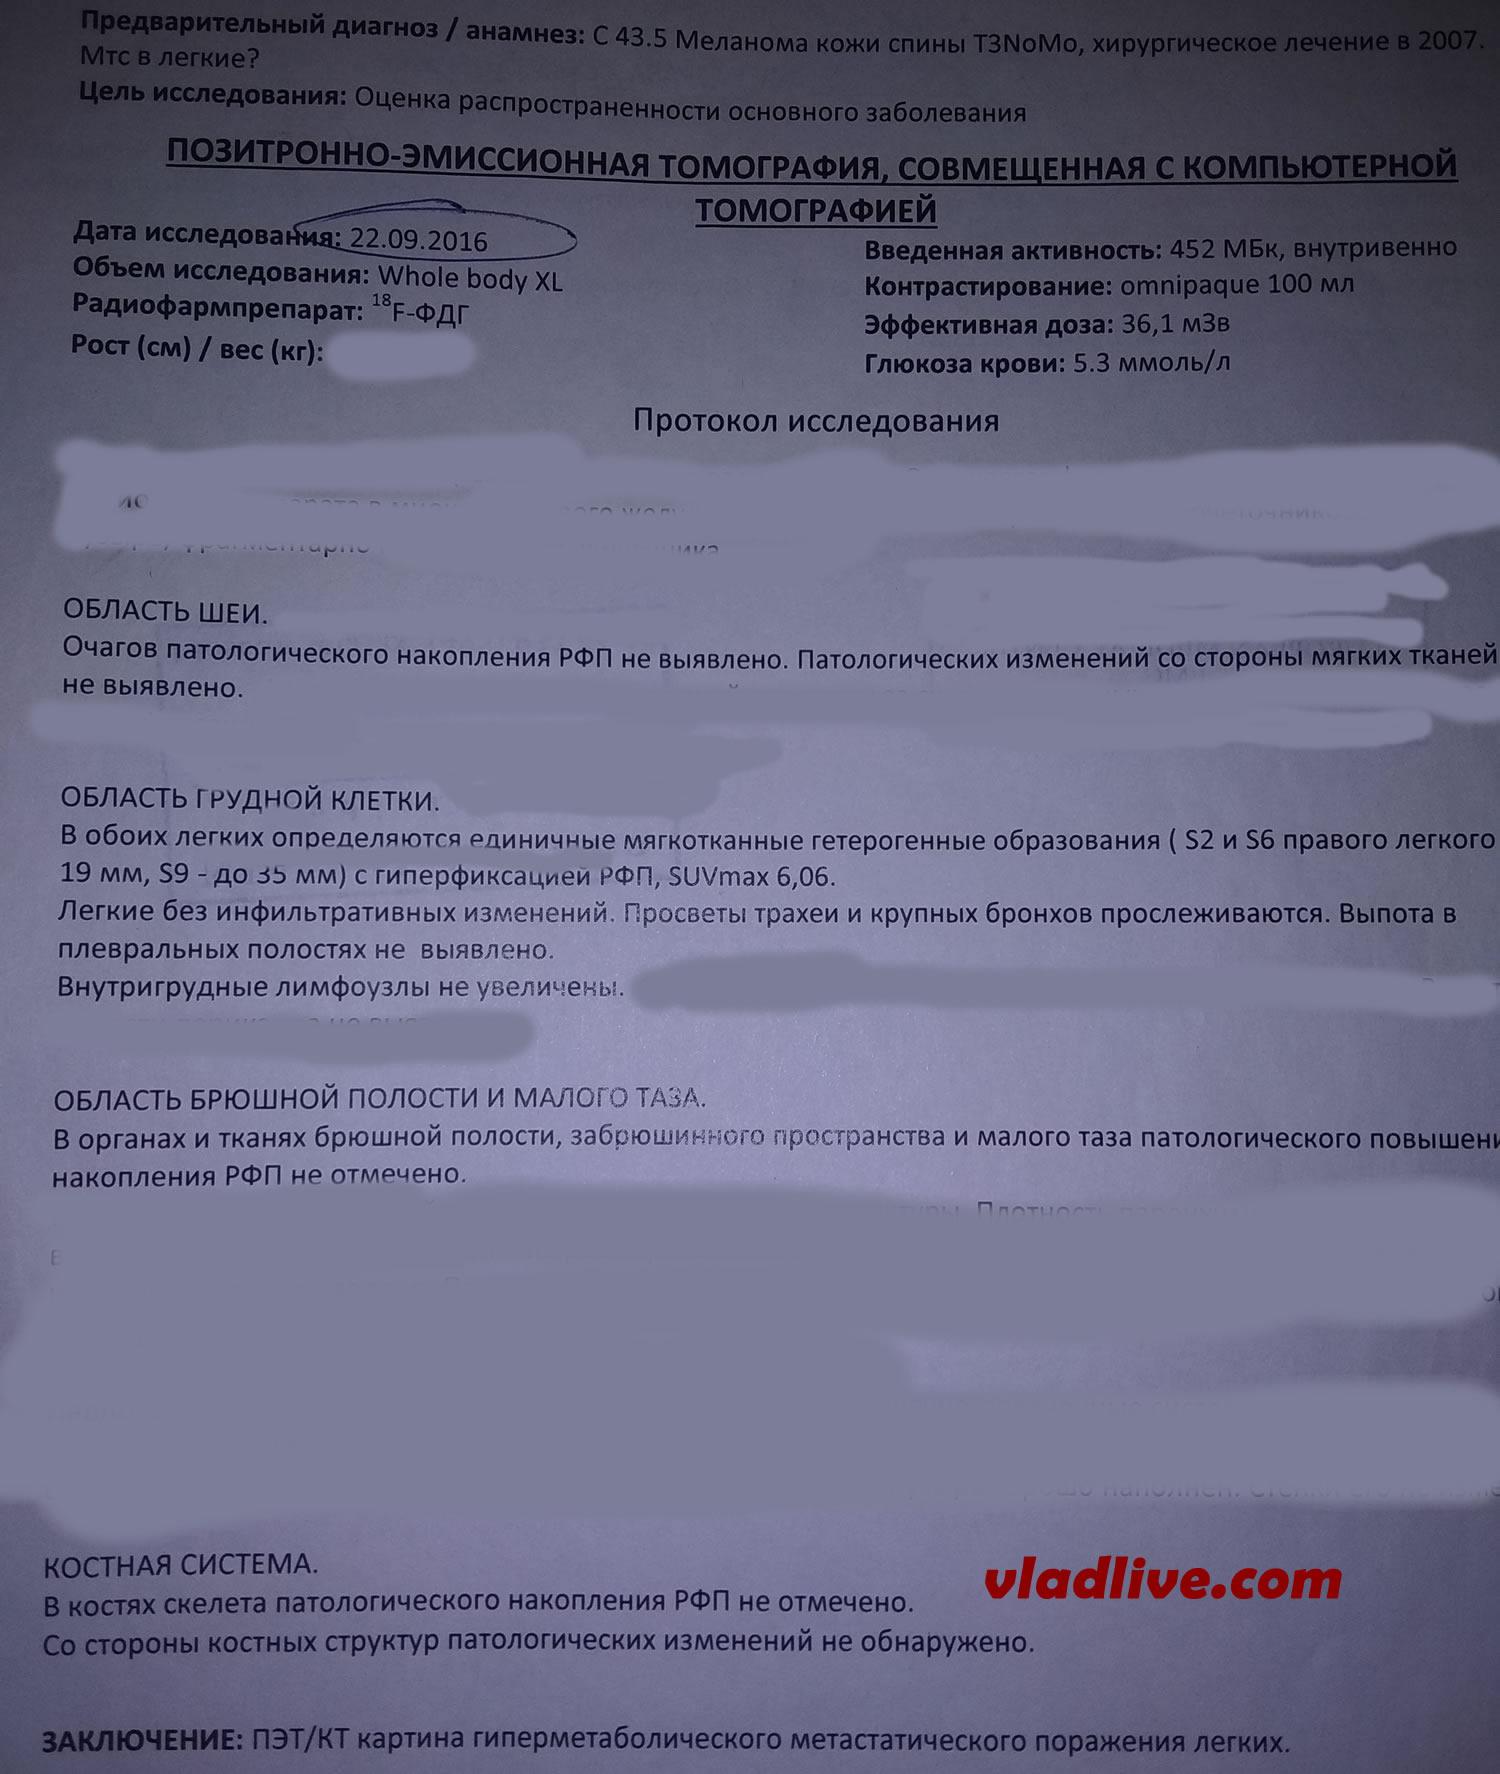 Меланома. Метастазы в легких